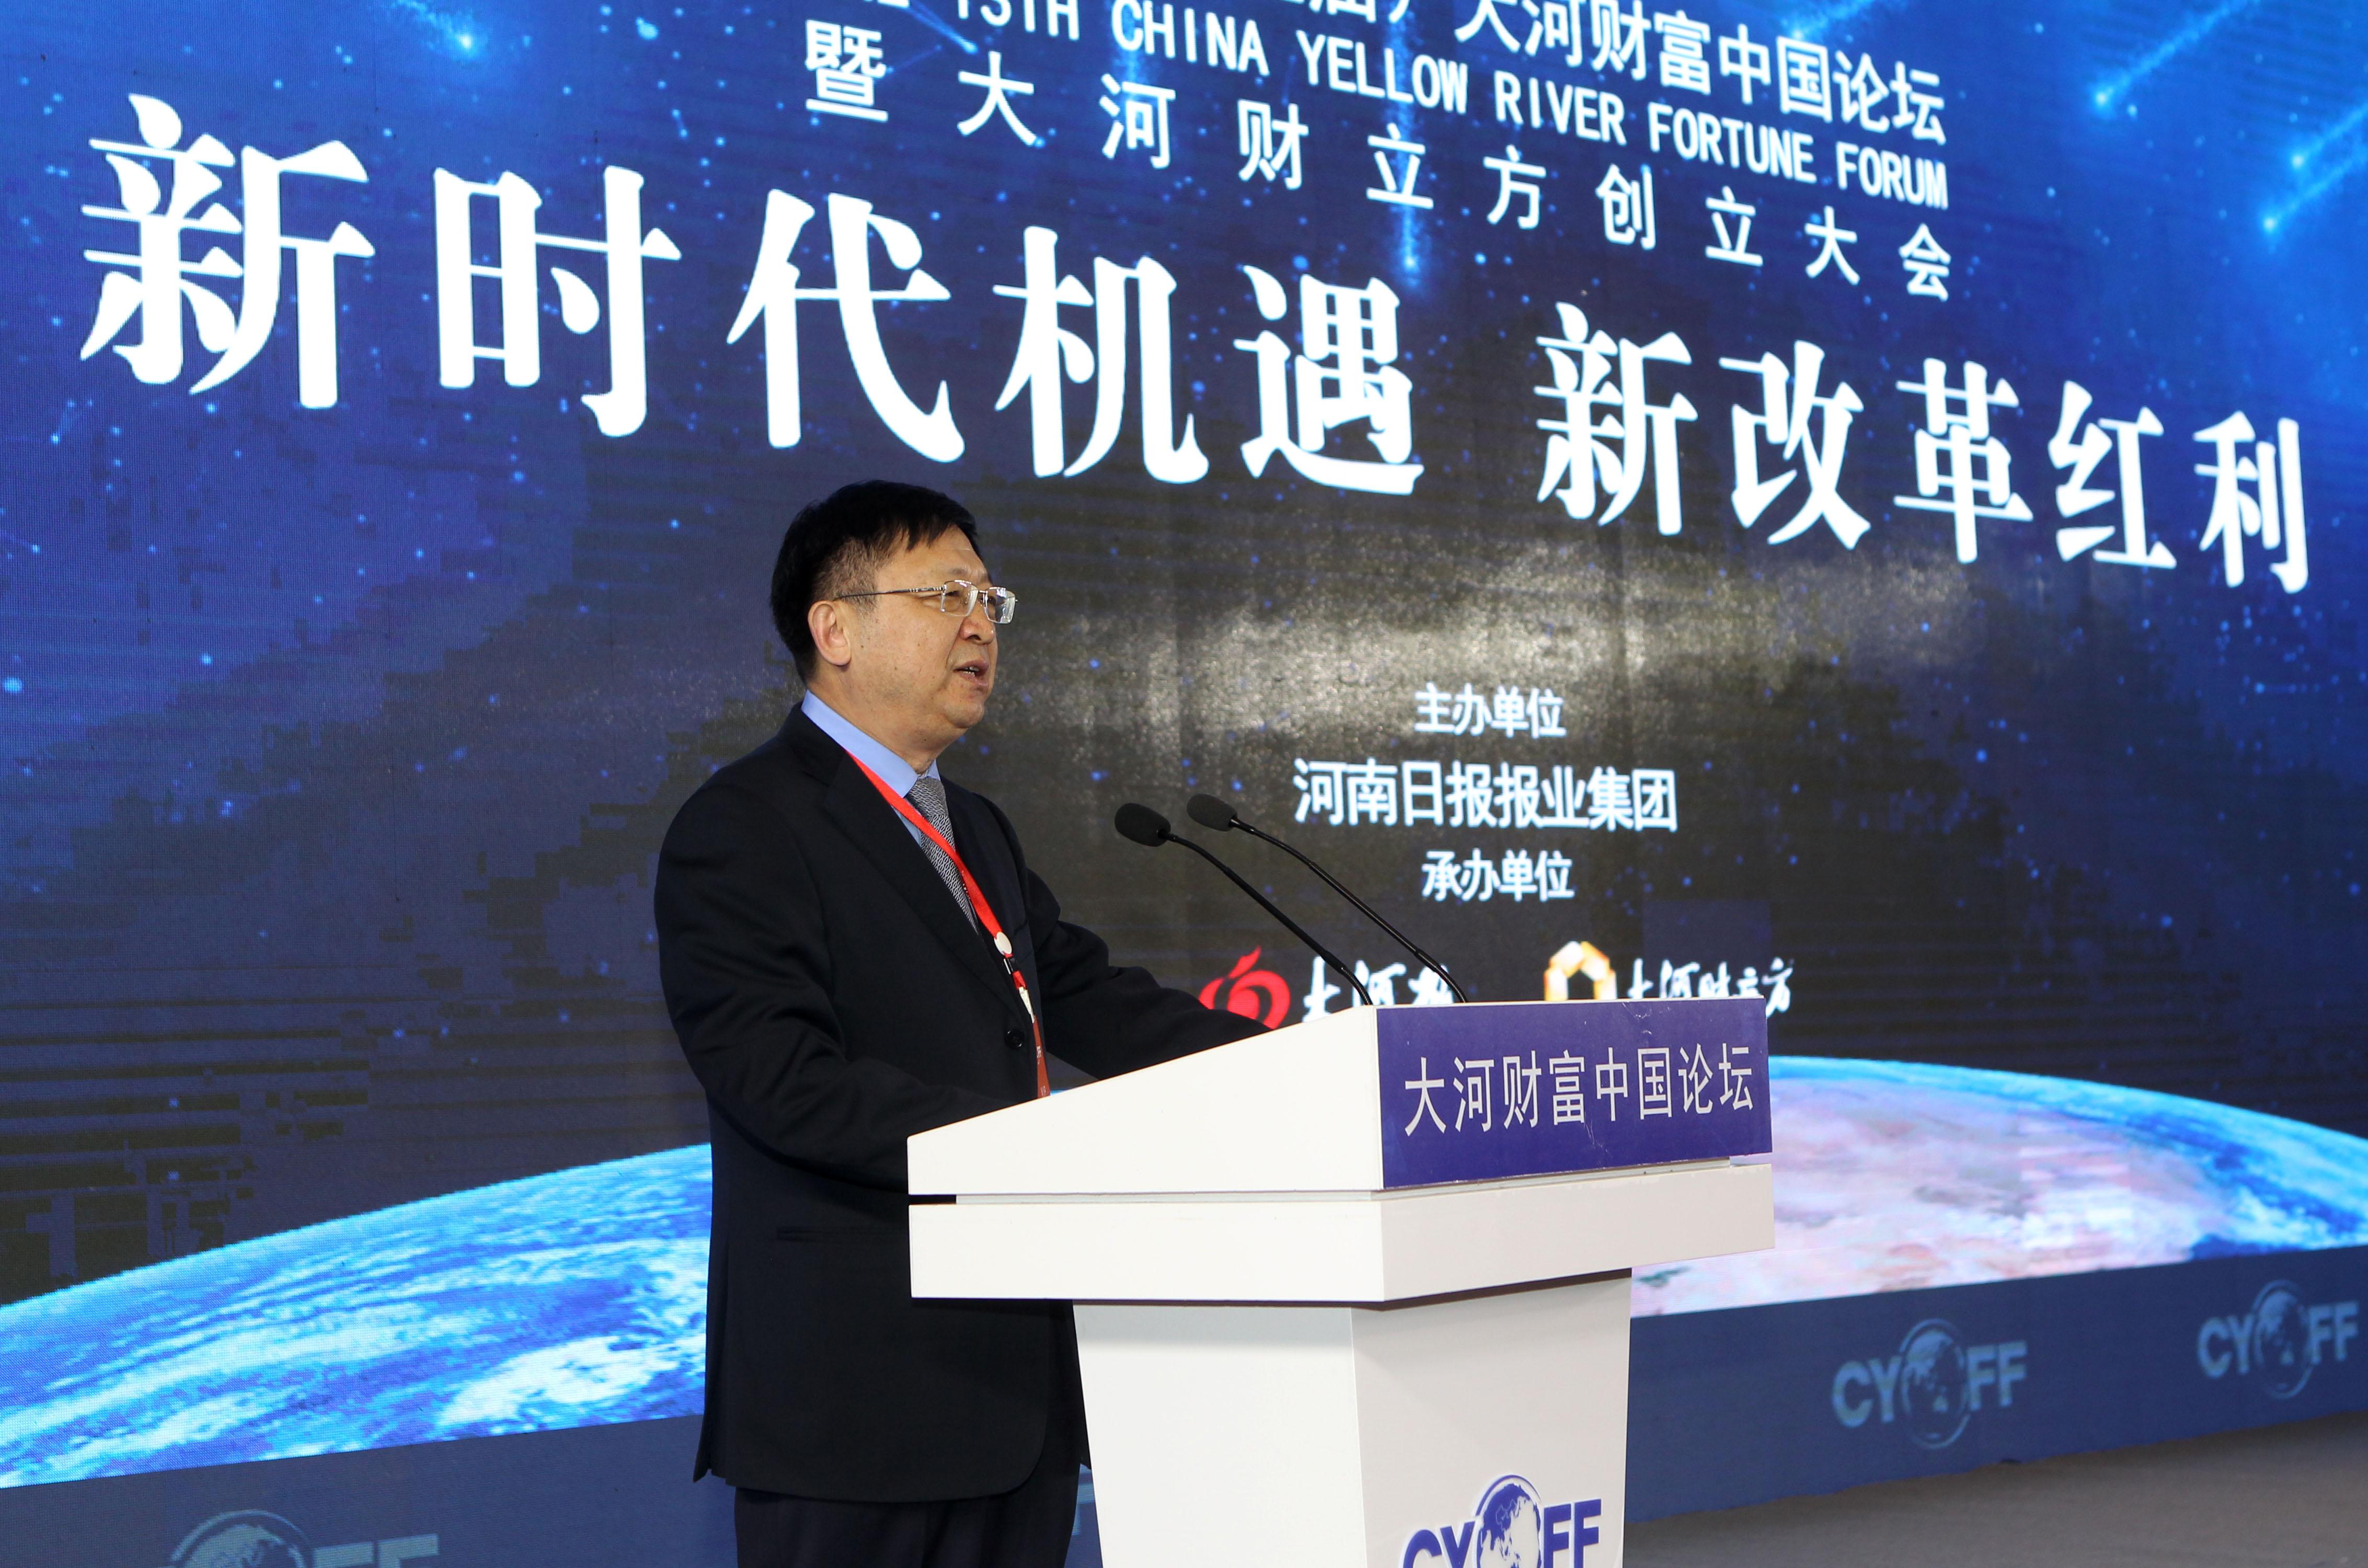 赵铁军在论坛开幕式上讲话 记者 许俊文 摄影 5